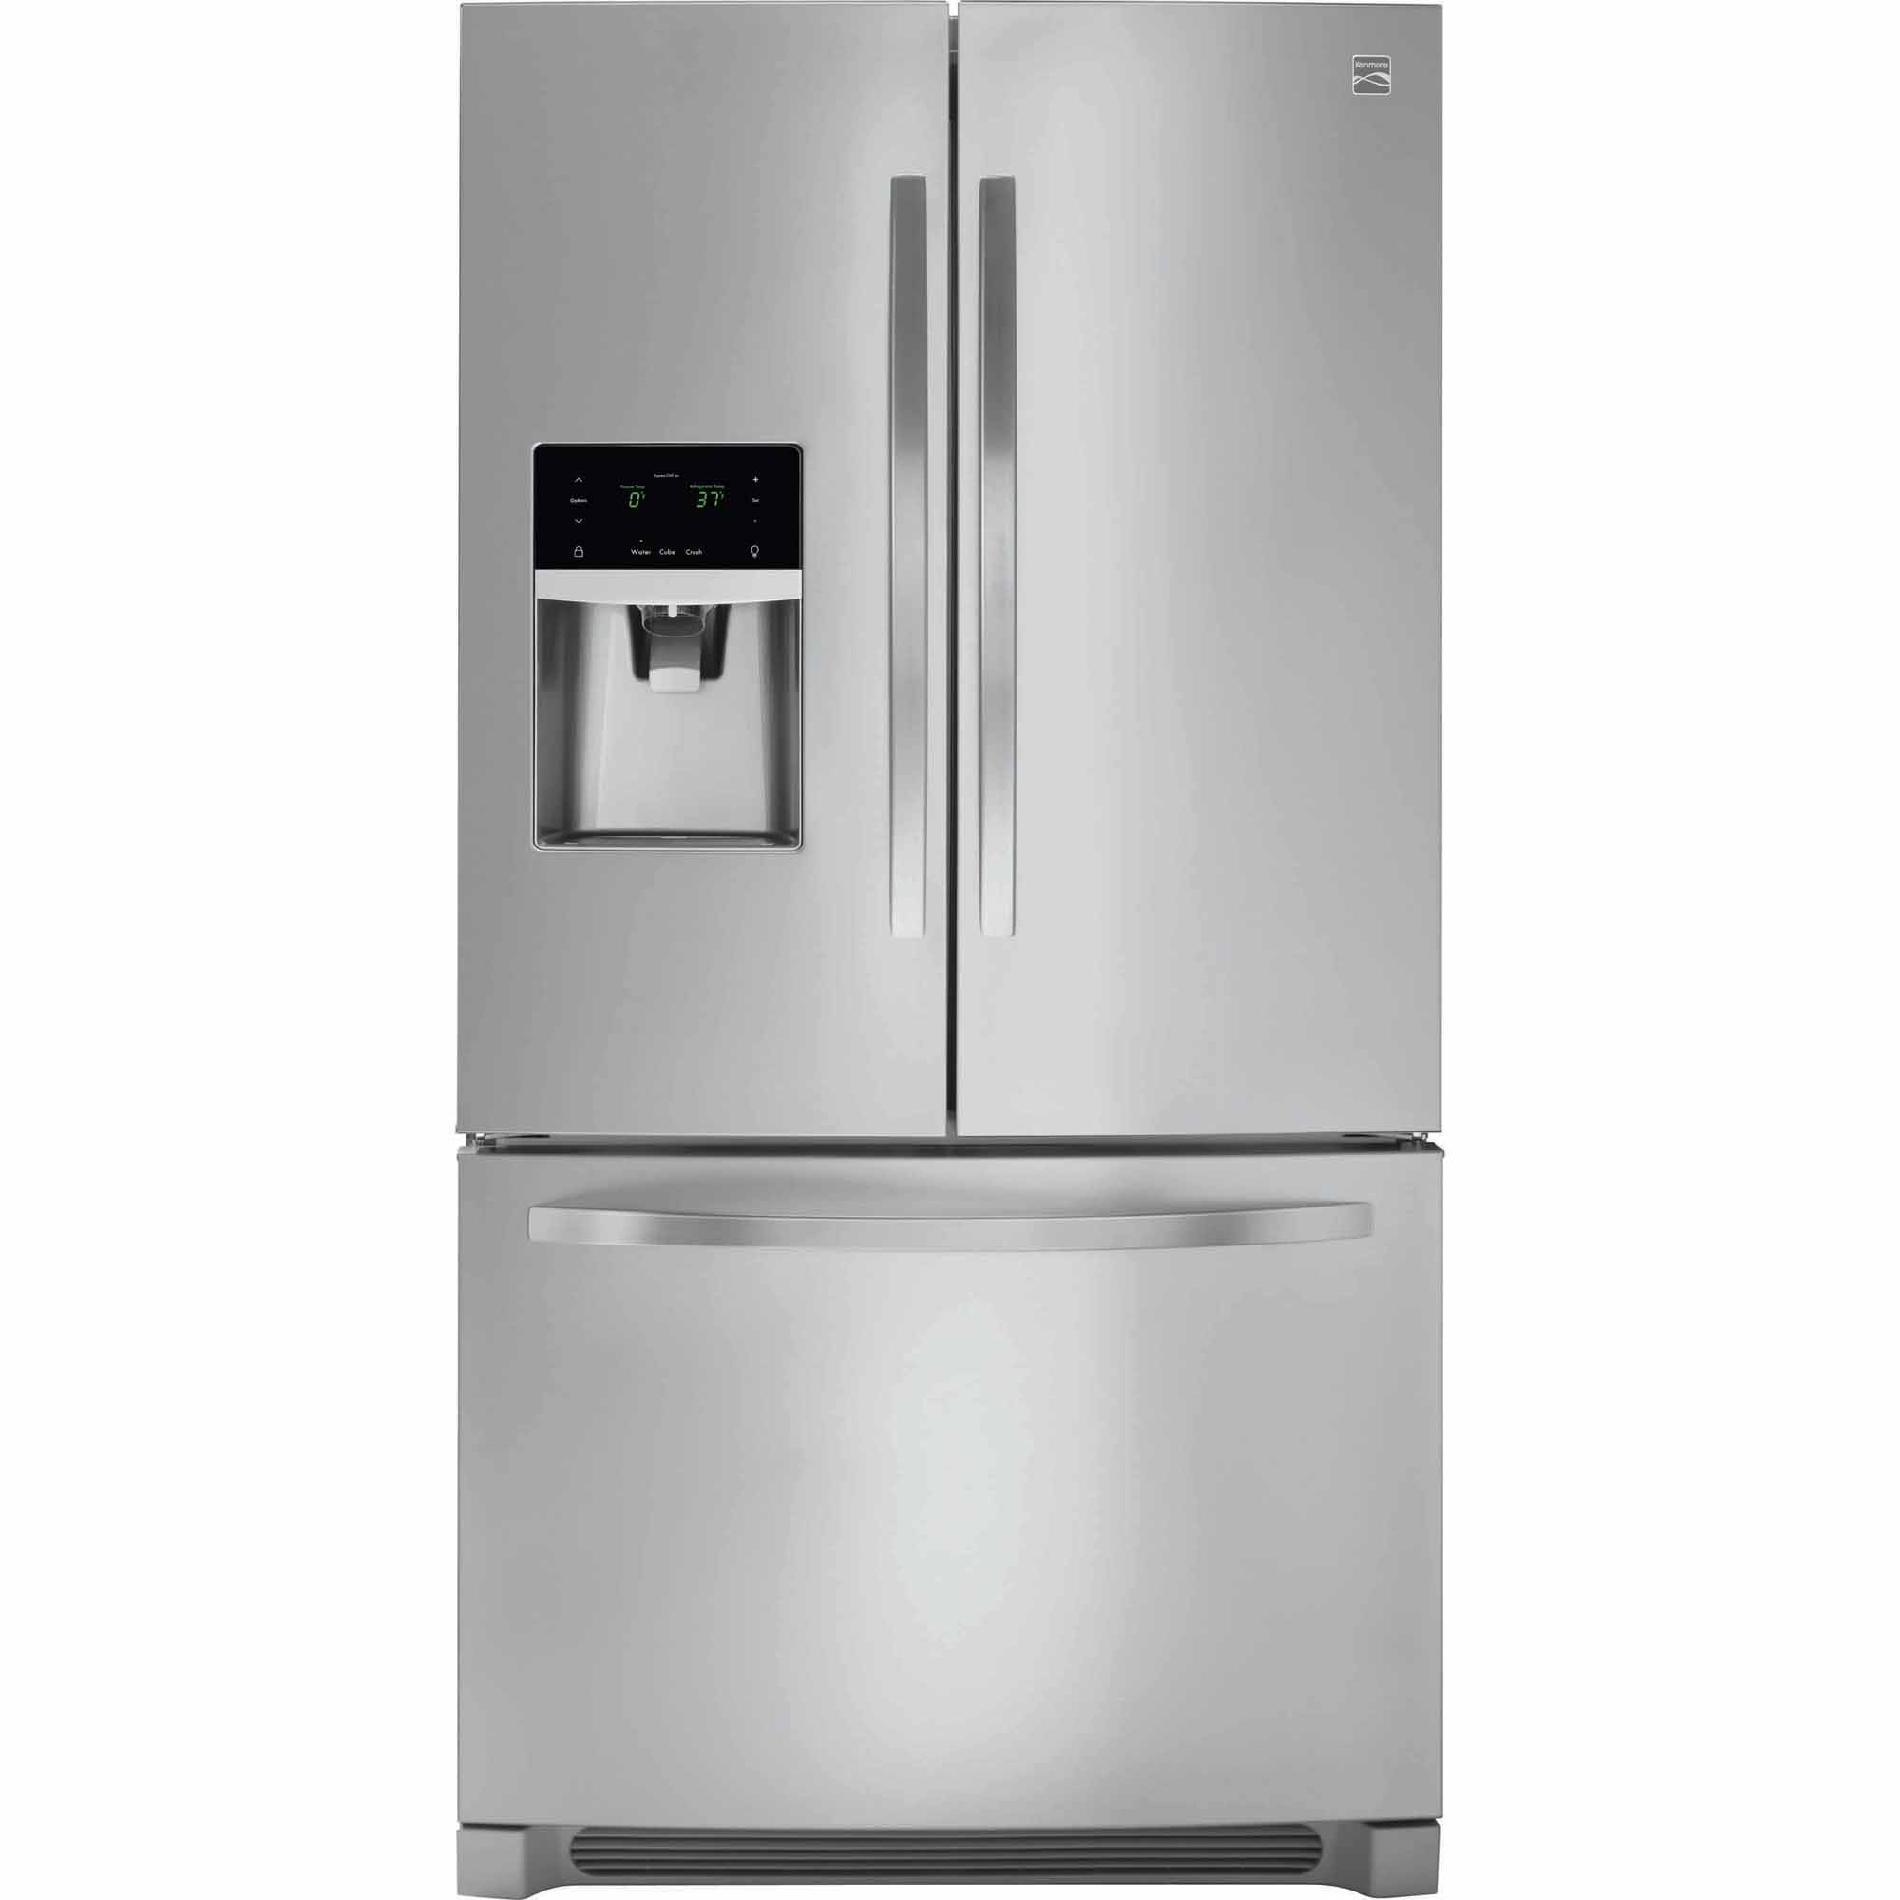 How To Level A Kenmore Refrigerator Kenmore Refrigerator Enervee Score 64 100 70443